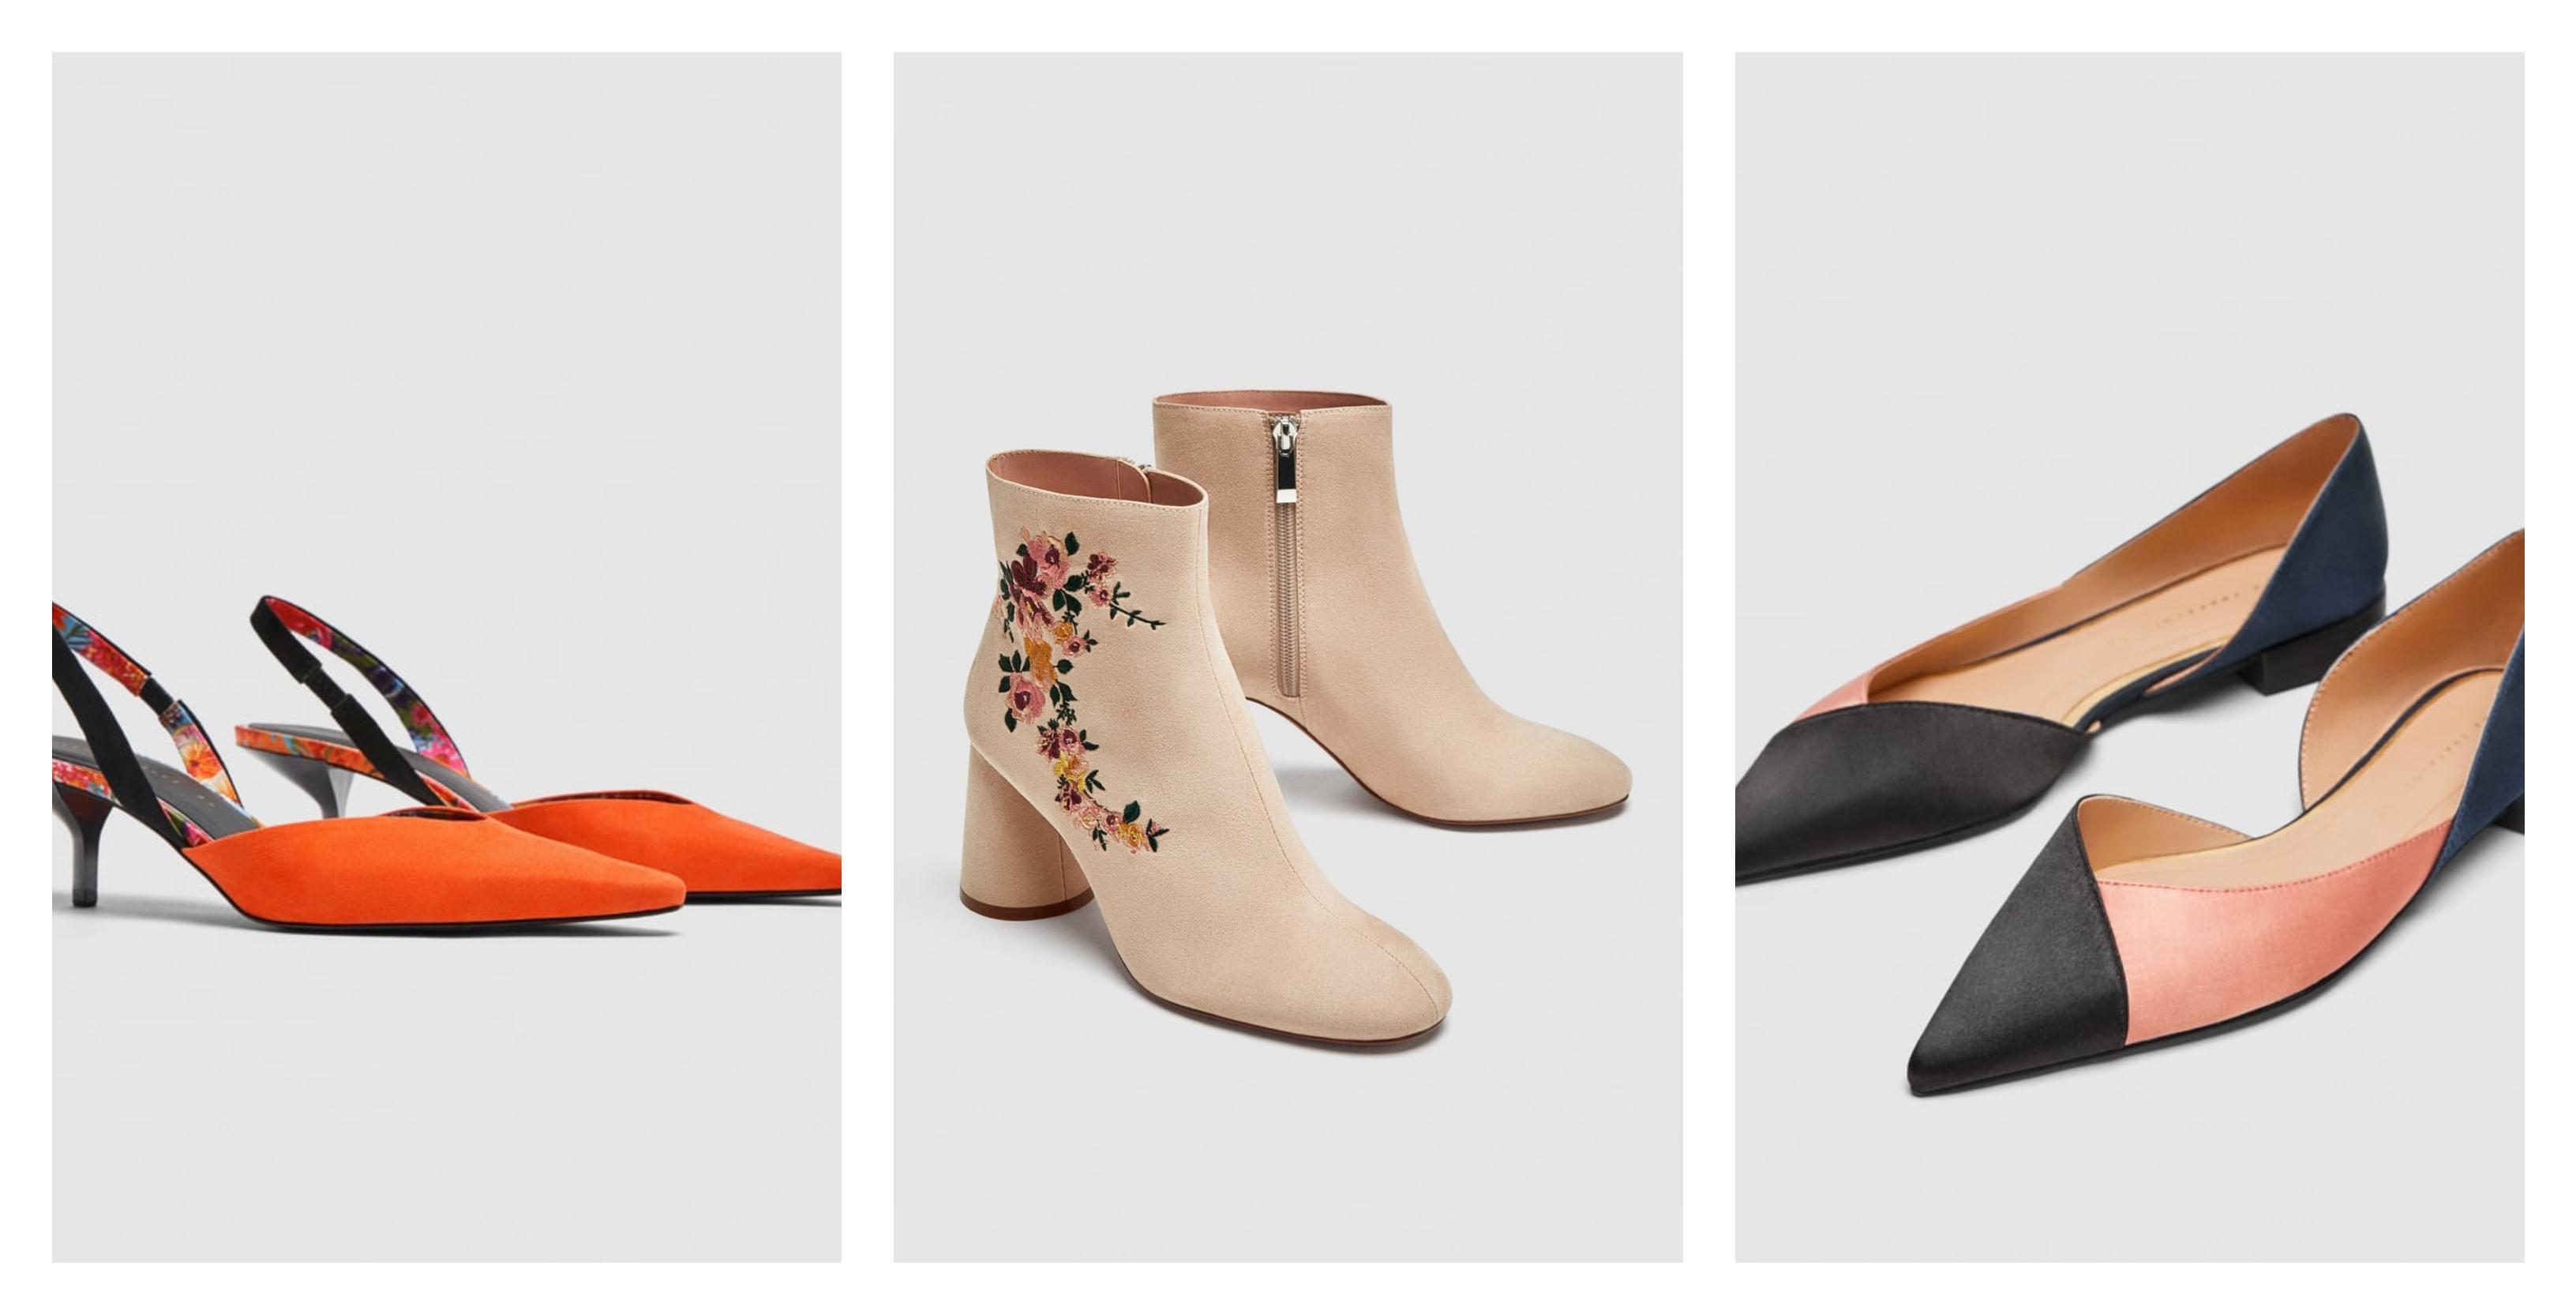 Vrijeme je za mini shopping: Pronašli smo odlične cipele u Zari do 99 kn!